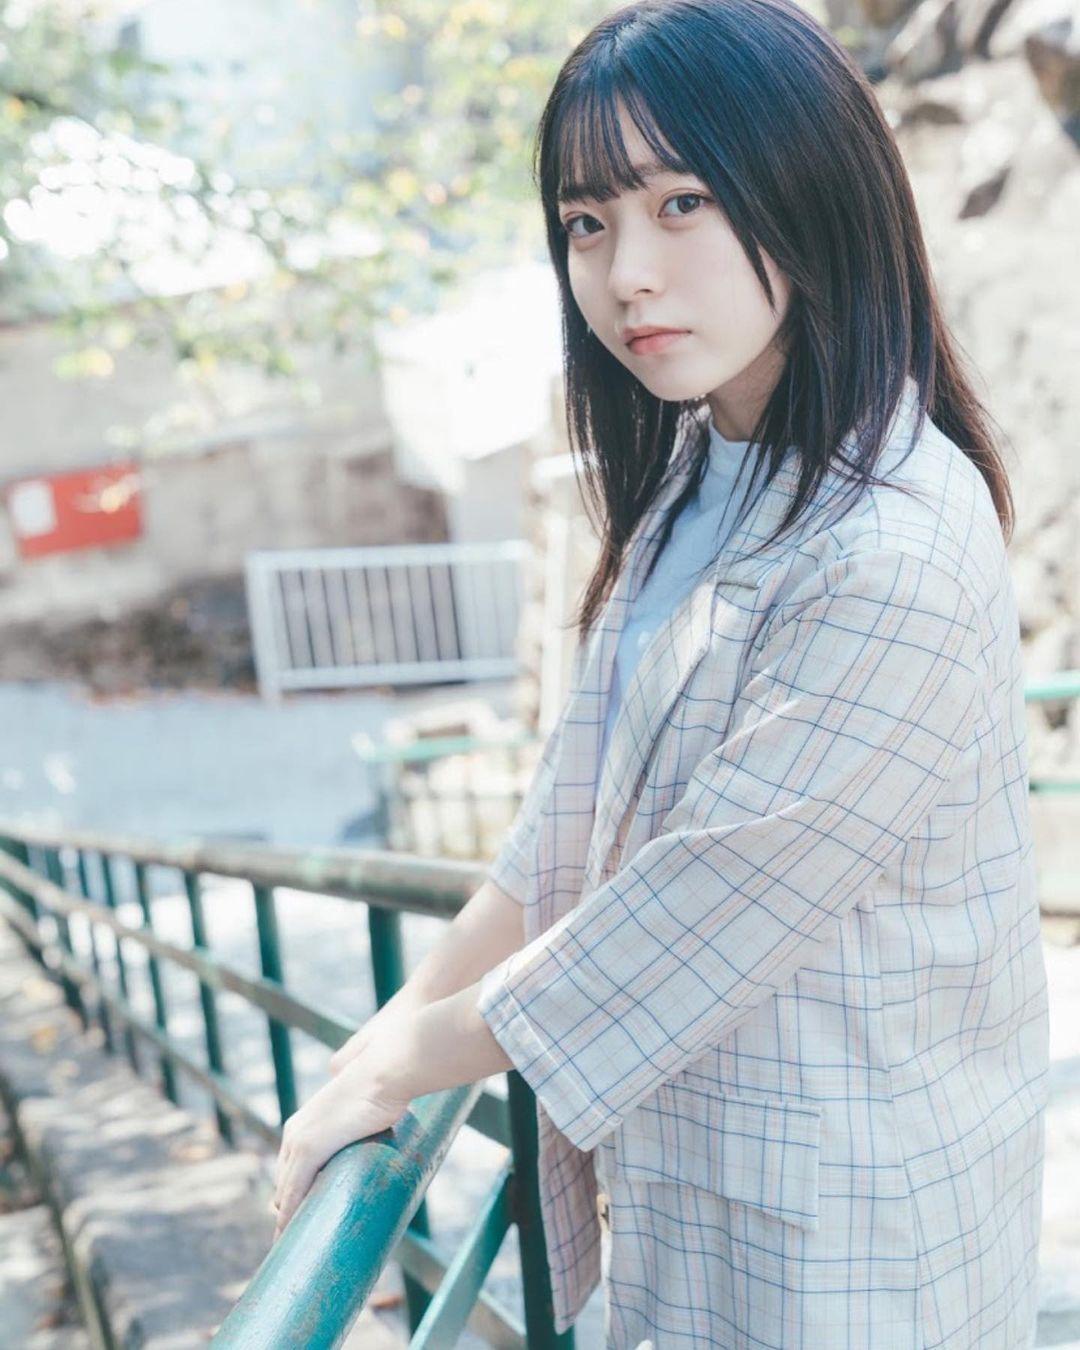 17岁仙女高中生瀬戸りつ绝美长相激似IU 全身散发空灵气质美到有点不真实 养眼图片 第31张